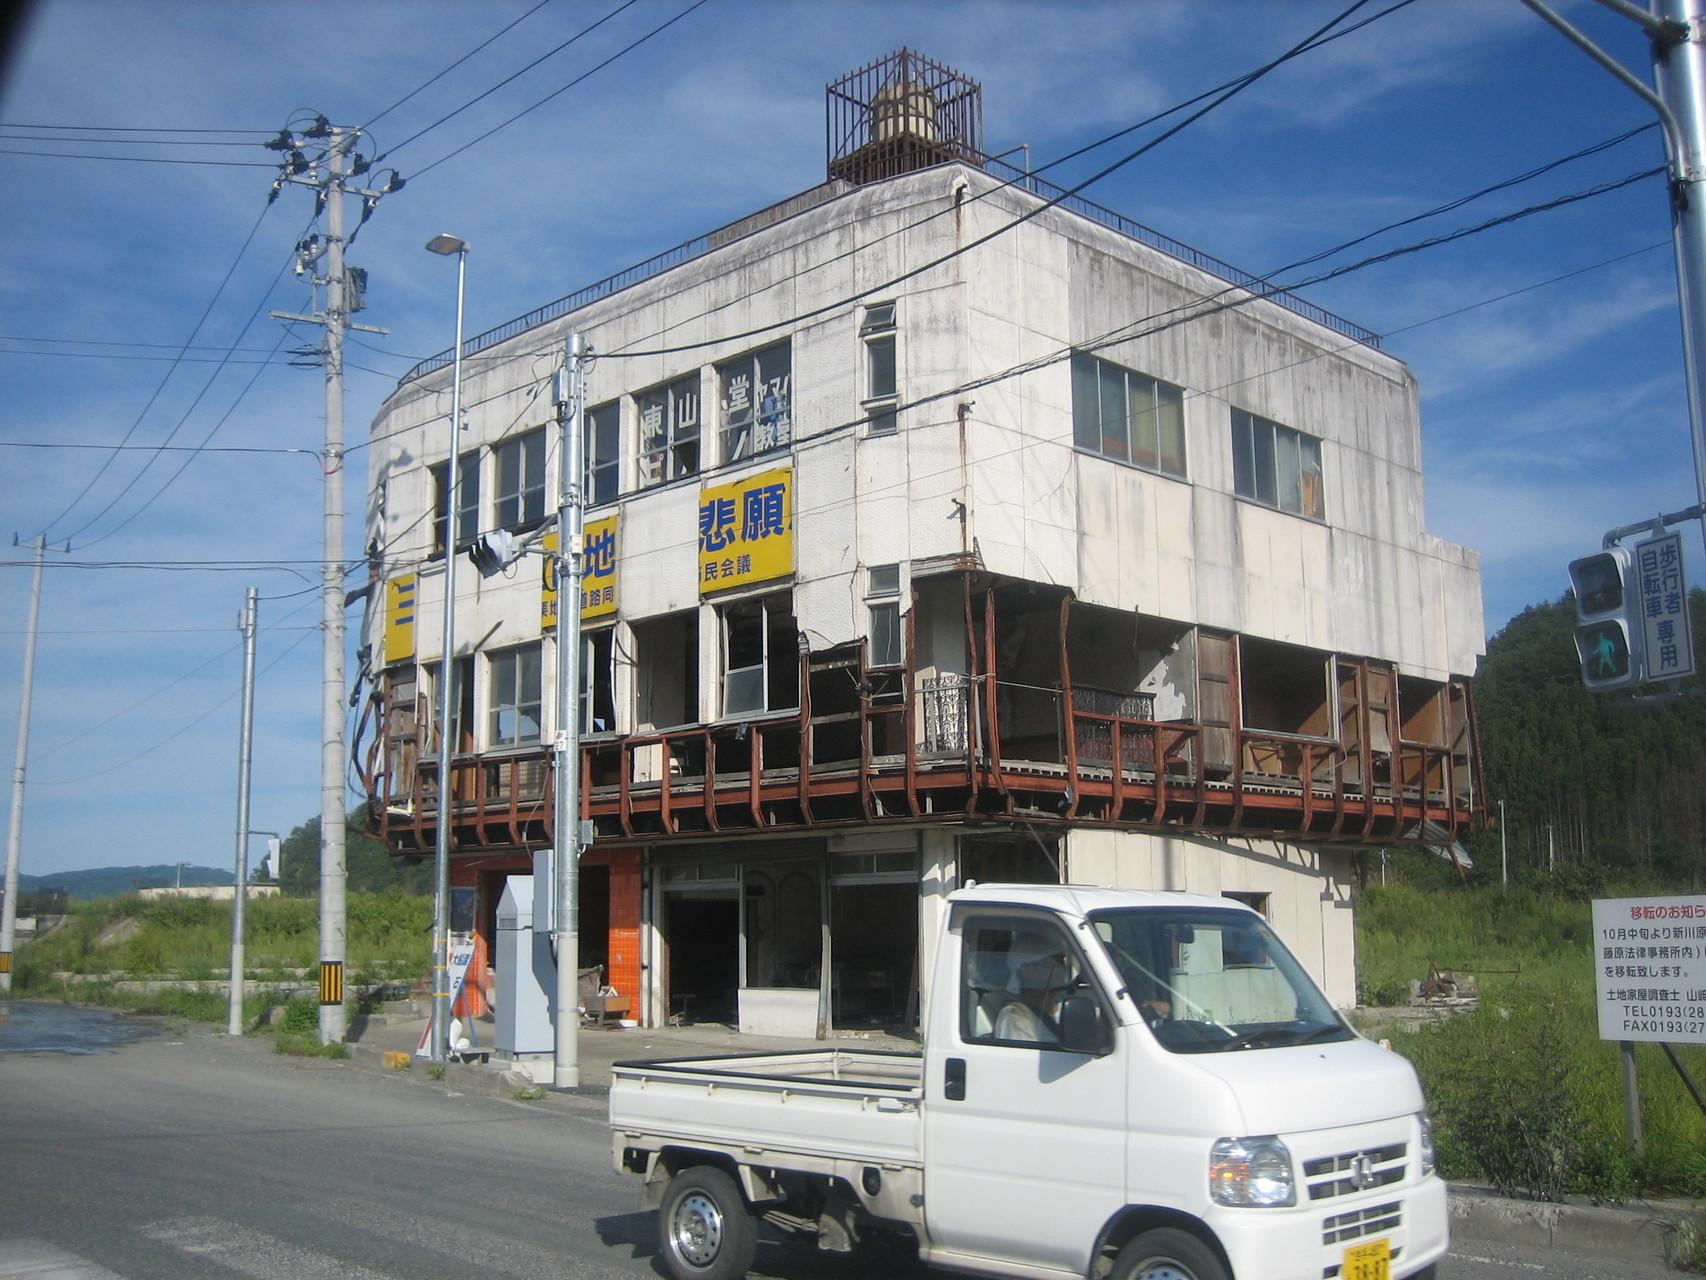 二階まで津波が通り抜けた建物。東北にて